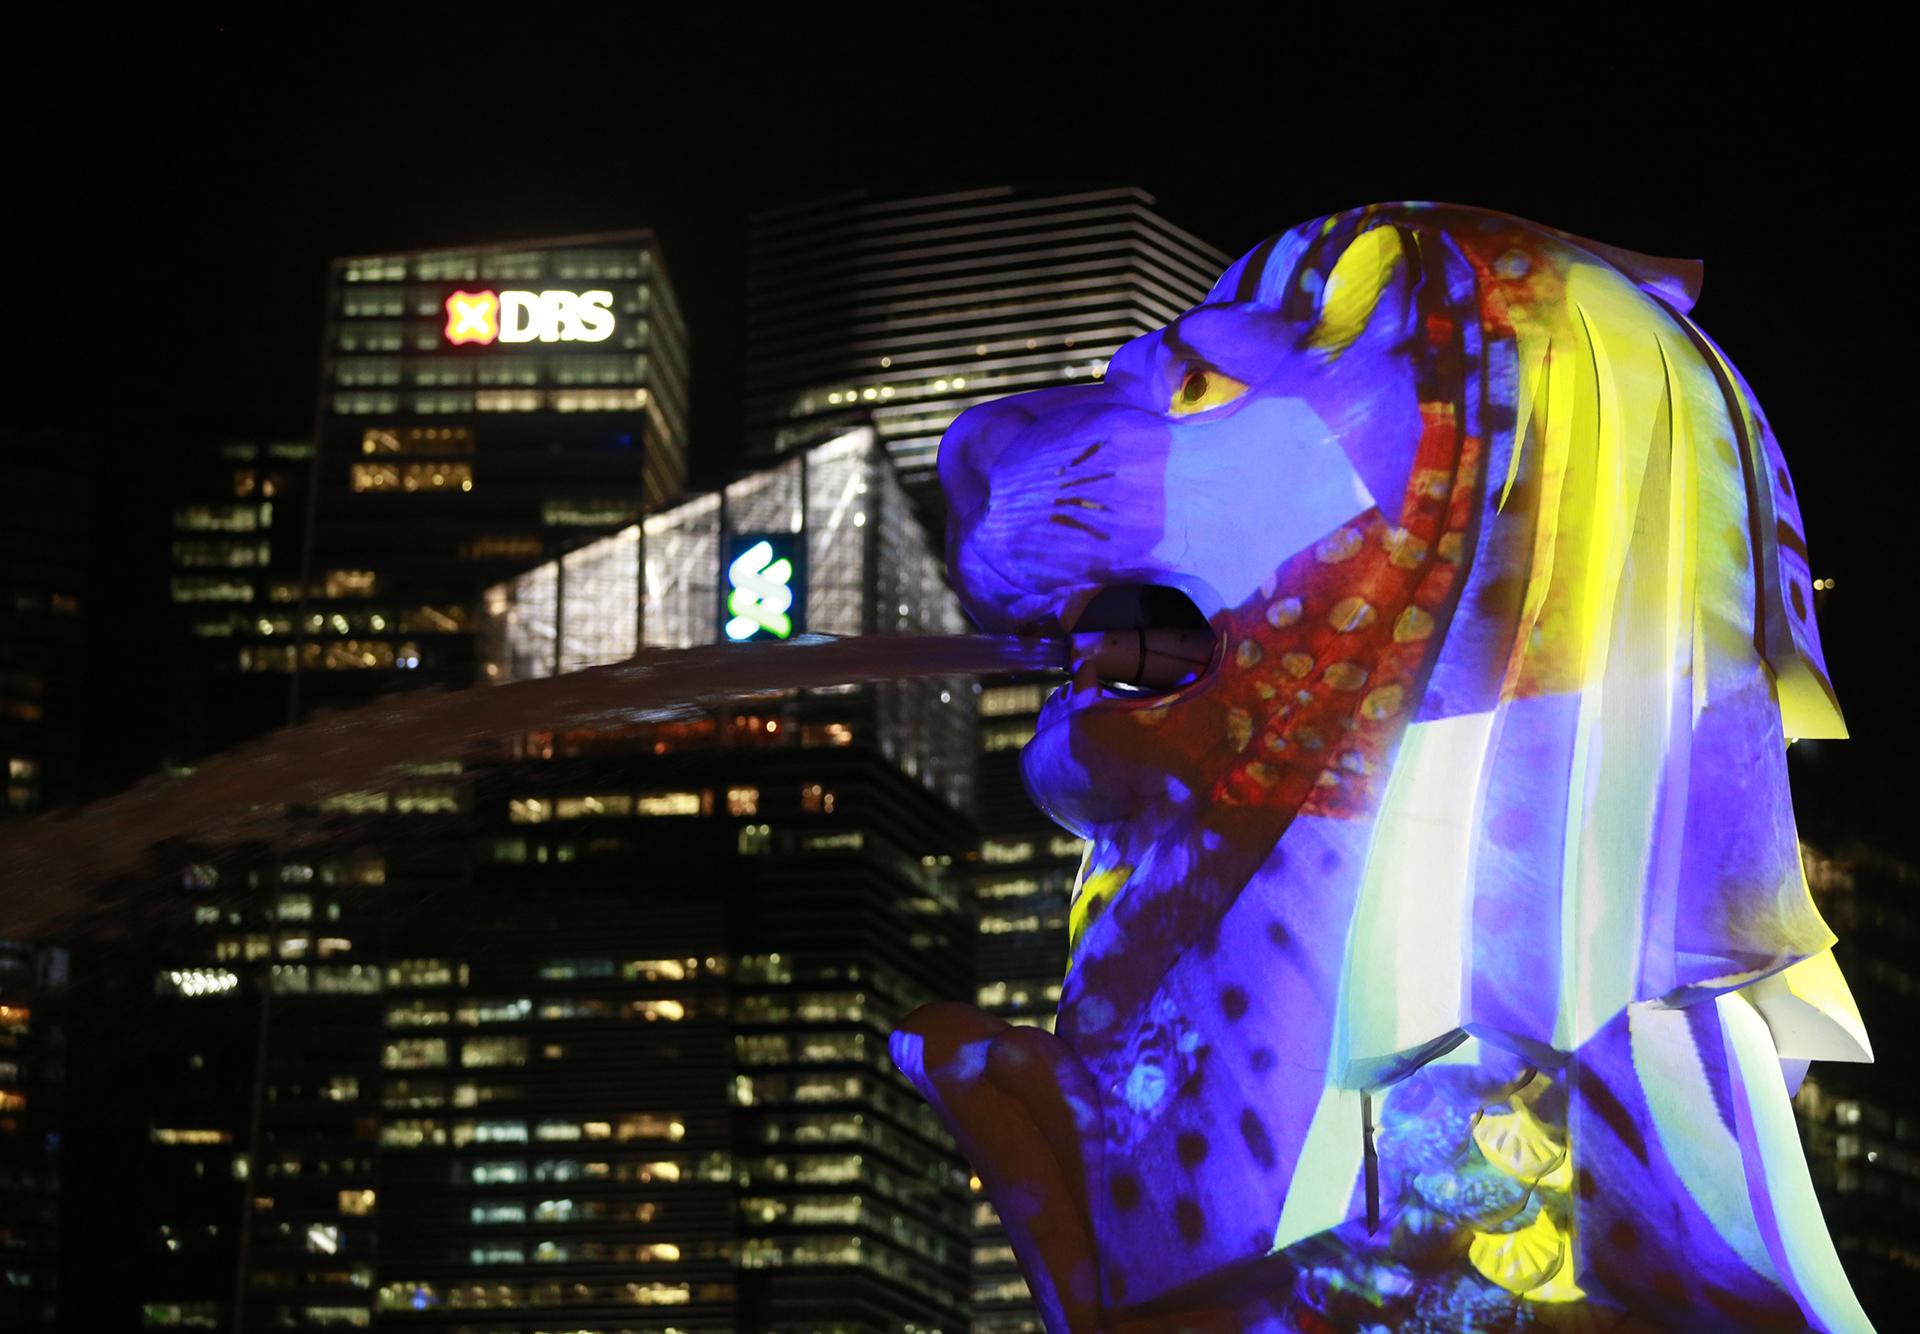 Глава статуи Мерлион освещается видеопроекцией под названием «Тело моря» во время фестиваля Light Marina Bay в Сингапуре, 01 марта 2017 года. EPA / WALLACE WOON